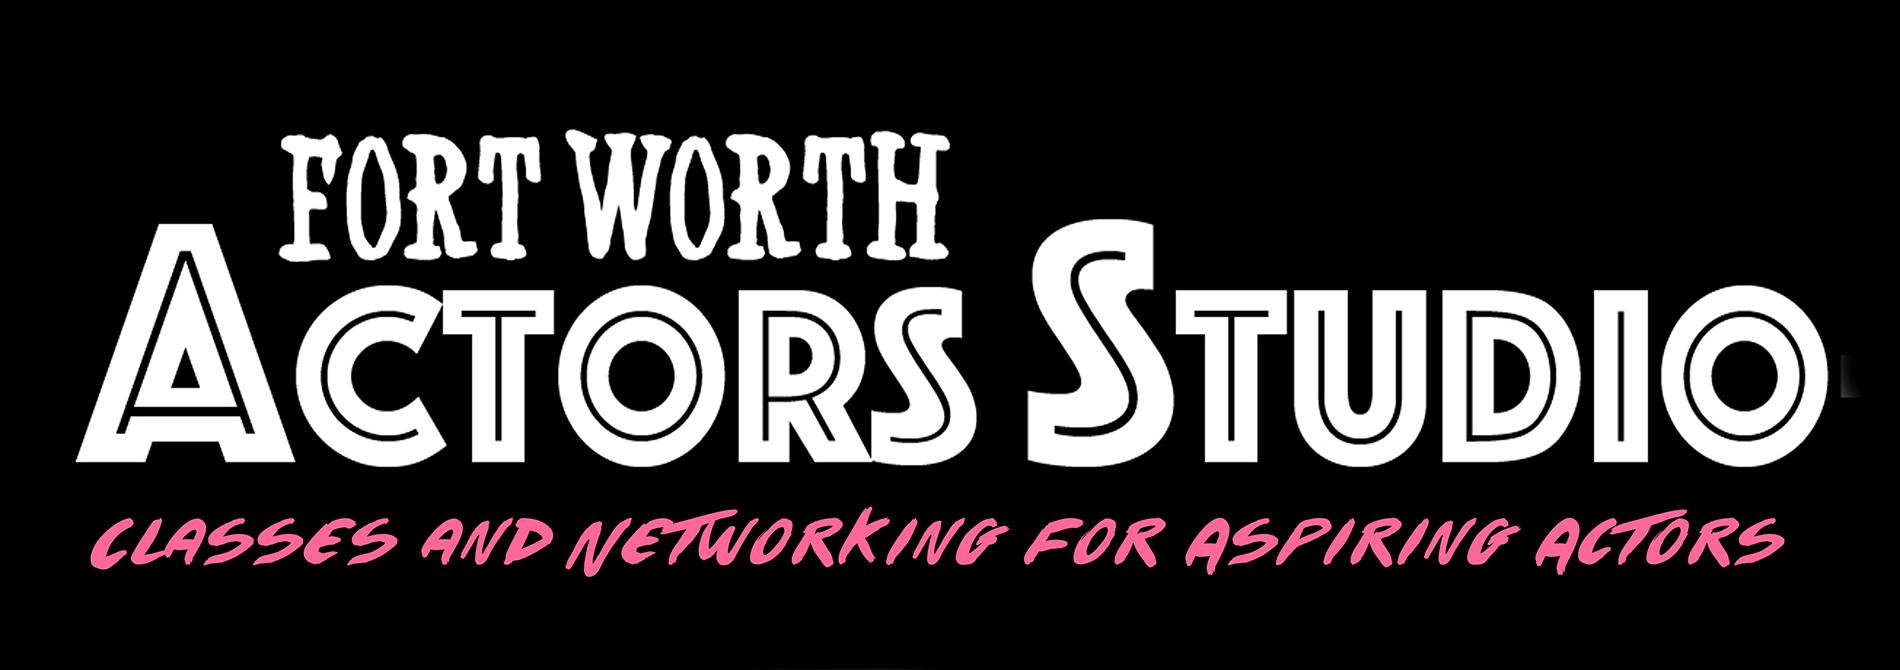 Fort Worth Actors Studio